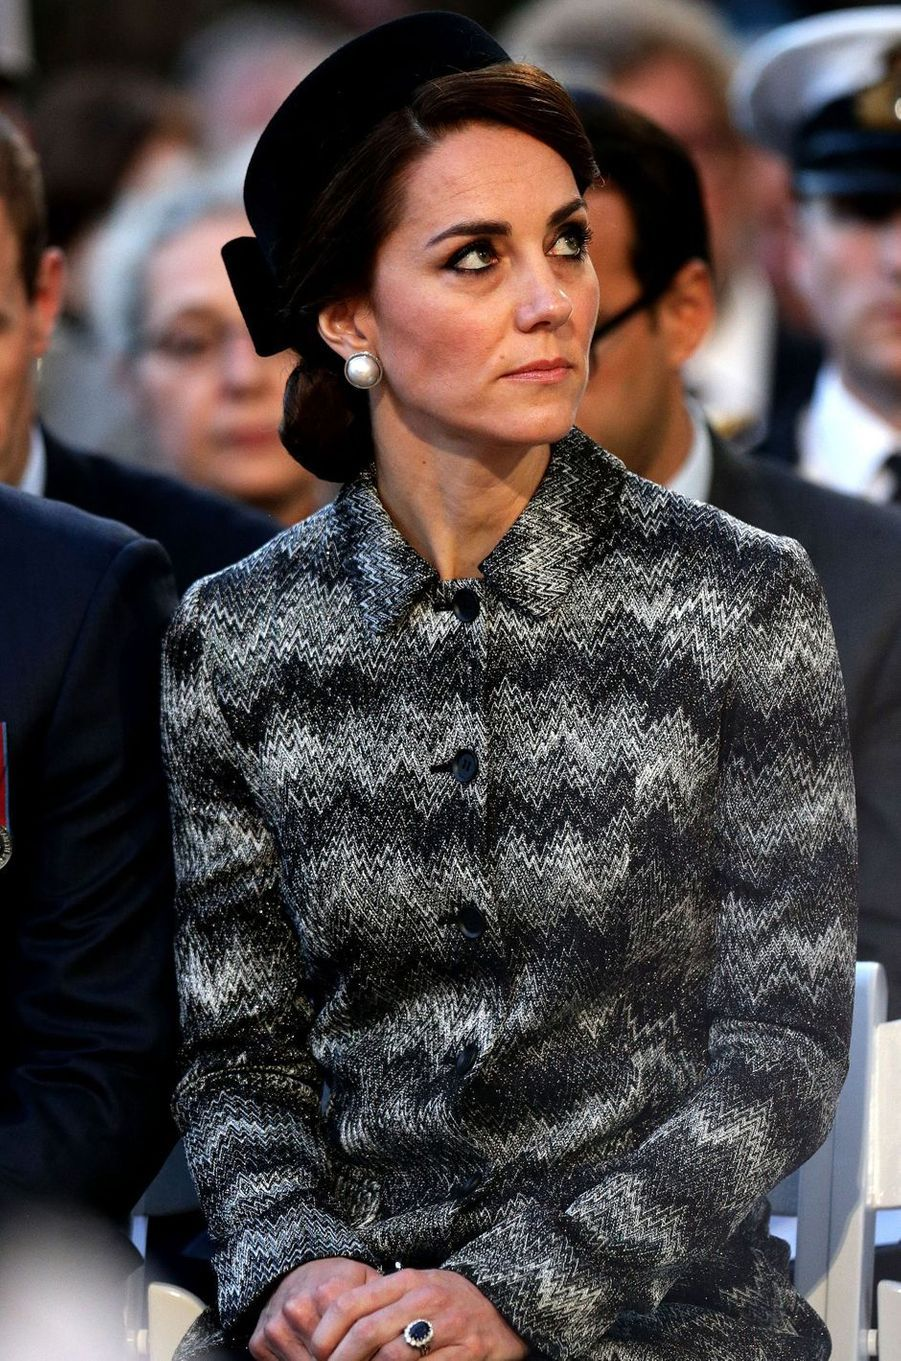 Le chapeau de la duchesse de Cambridge, née Kate Middleton, à Thiepval en Picardie le 30 juin 2016